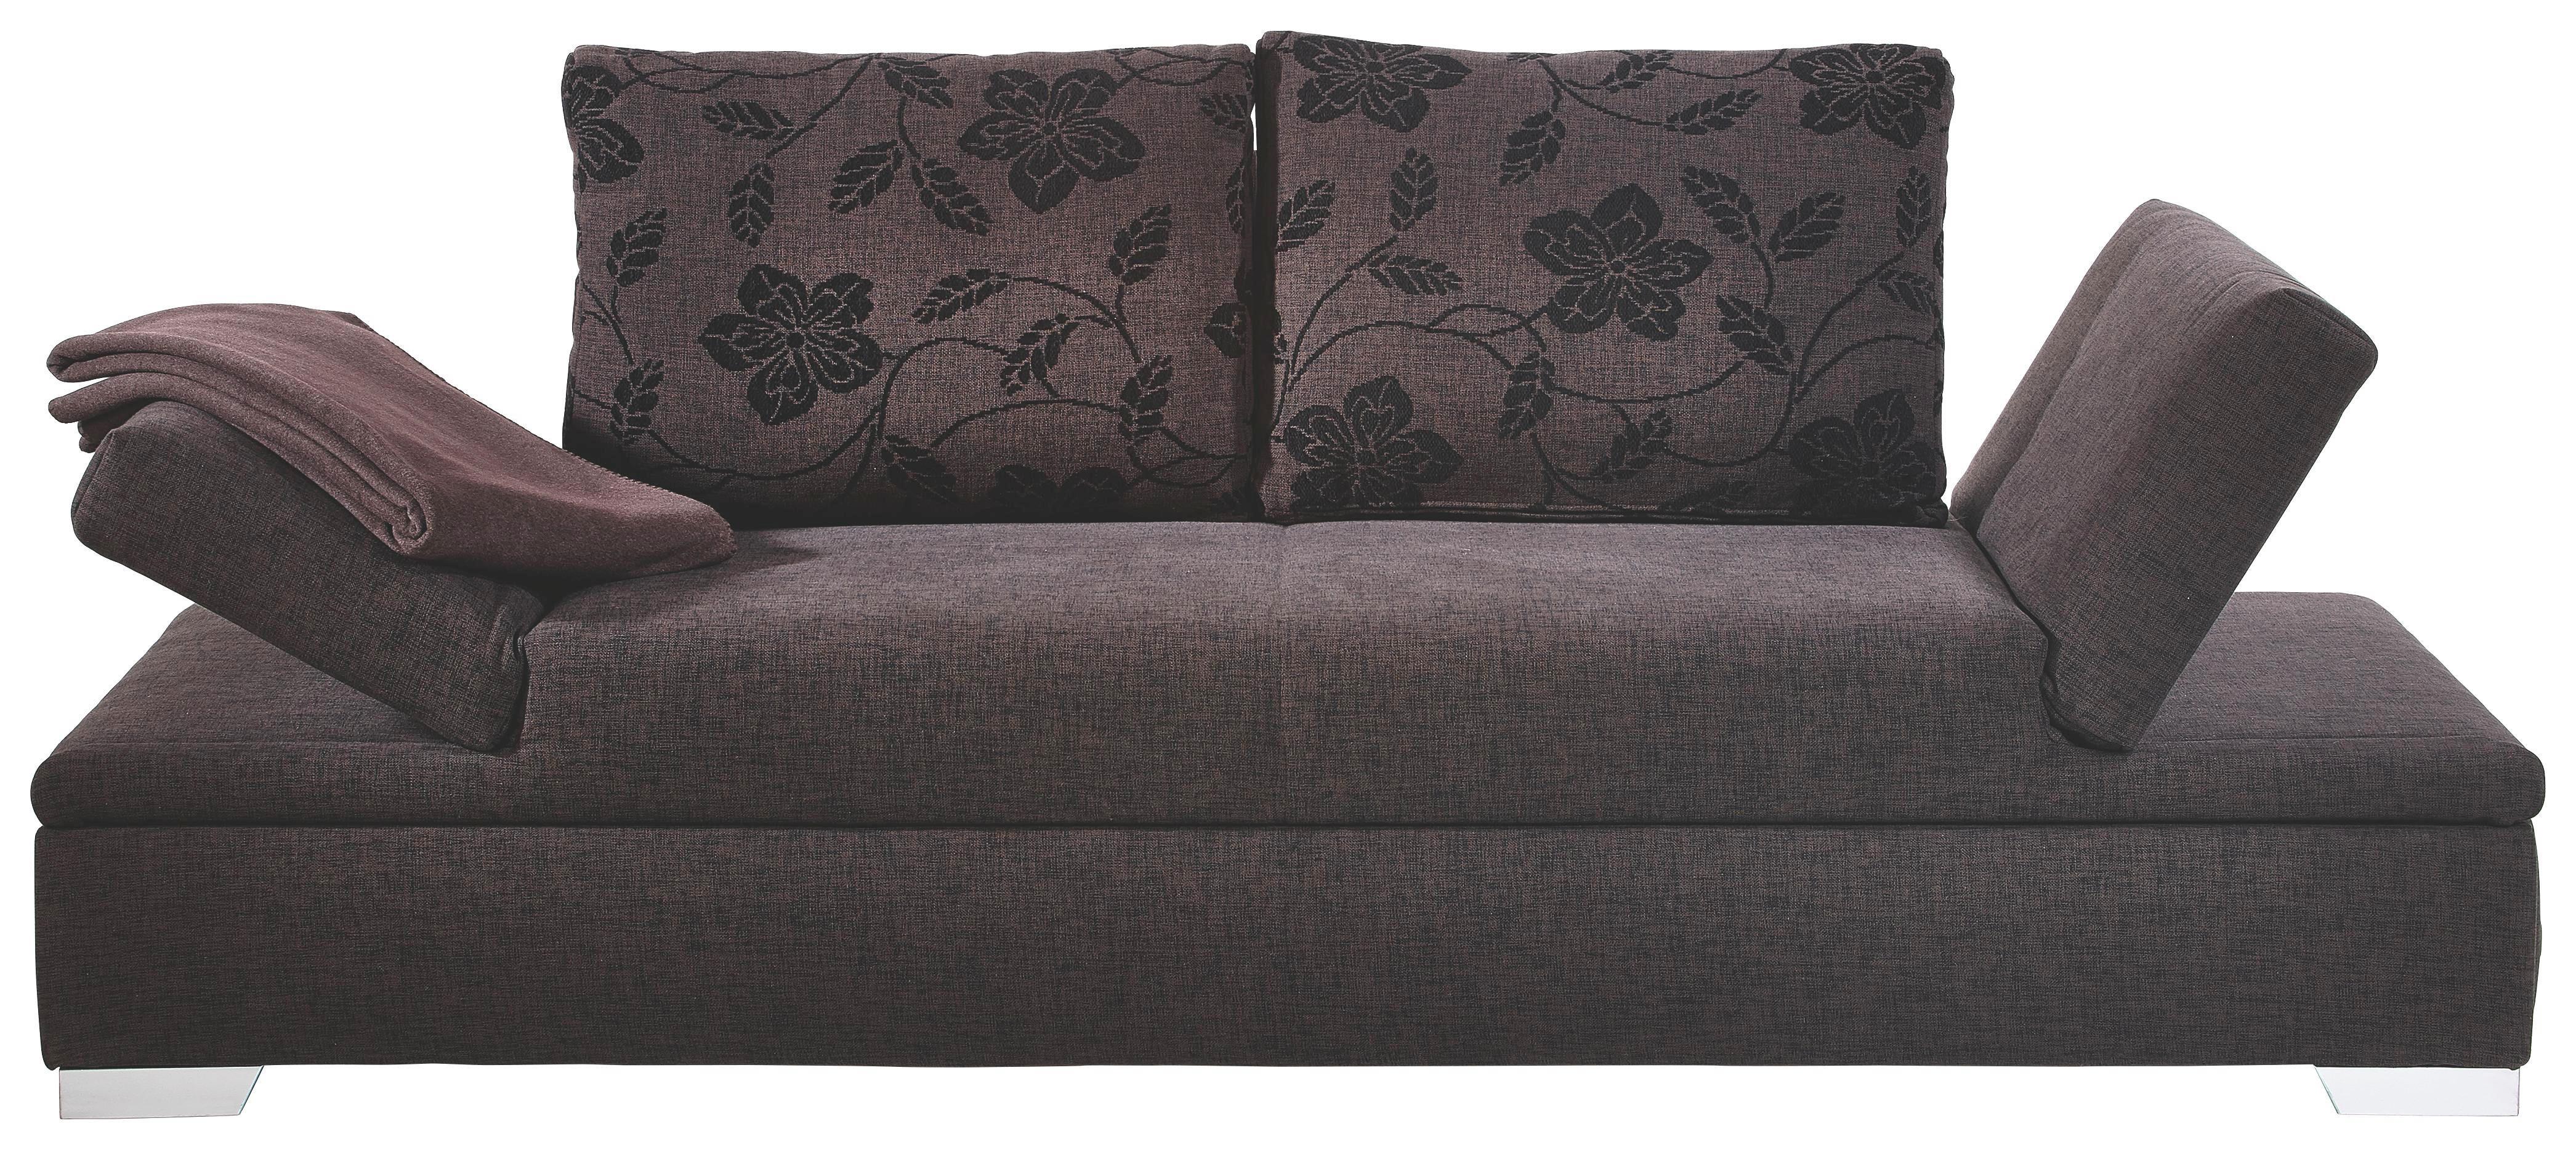 SCHLAFSOFA Dunkelbraun - Dunkelbraun/Silberfarben, Design, Holz/Textil (216/87/104cm) - MUSTERRING